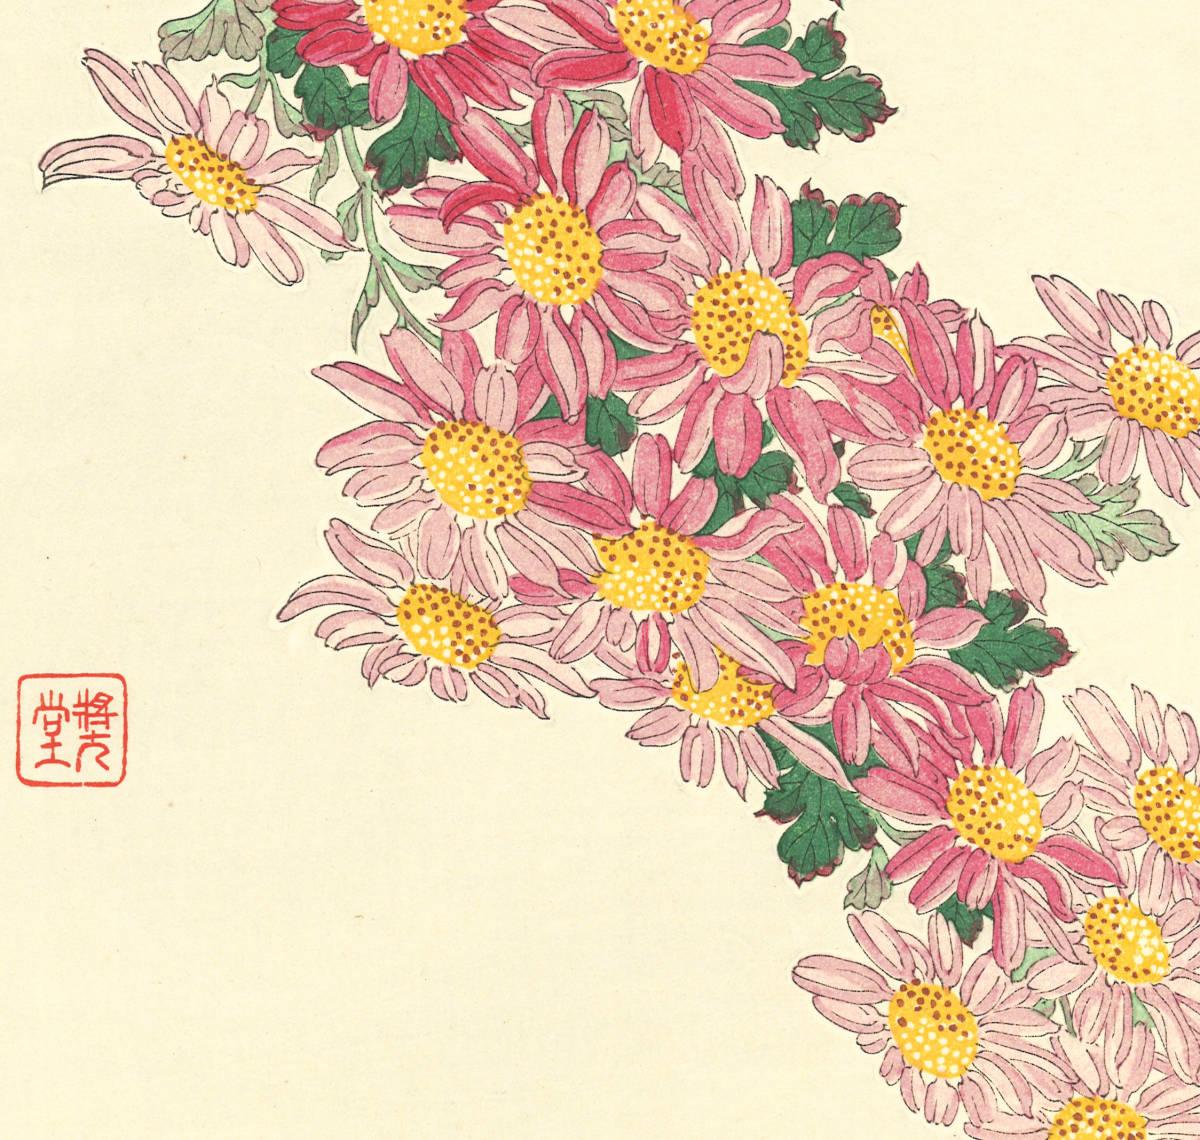 河原崎奨堂 (Kawarazaki Shodo) (1899~1973)木版画 F036 菊 花版画(Chrysanthemum)初版昭和初期~京都の一流の摺師の技をご堪能下さい_画像10